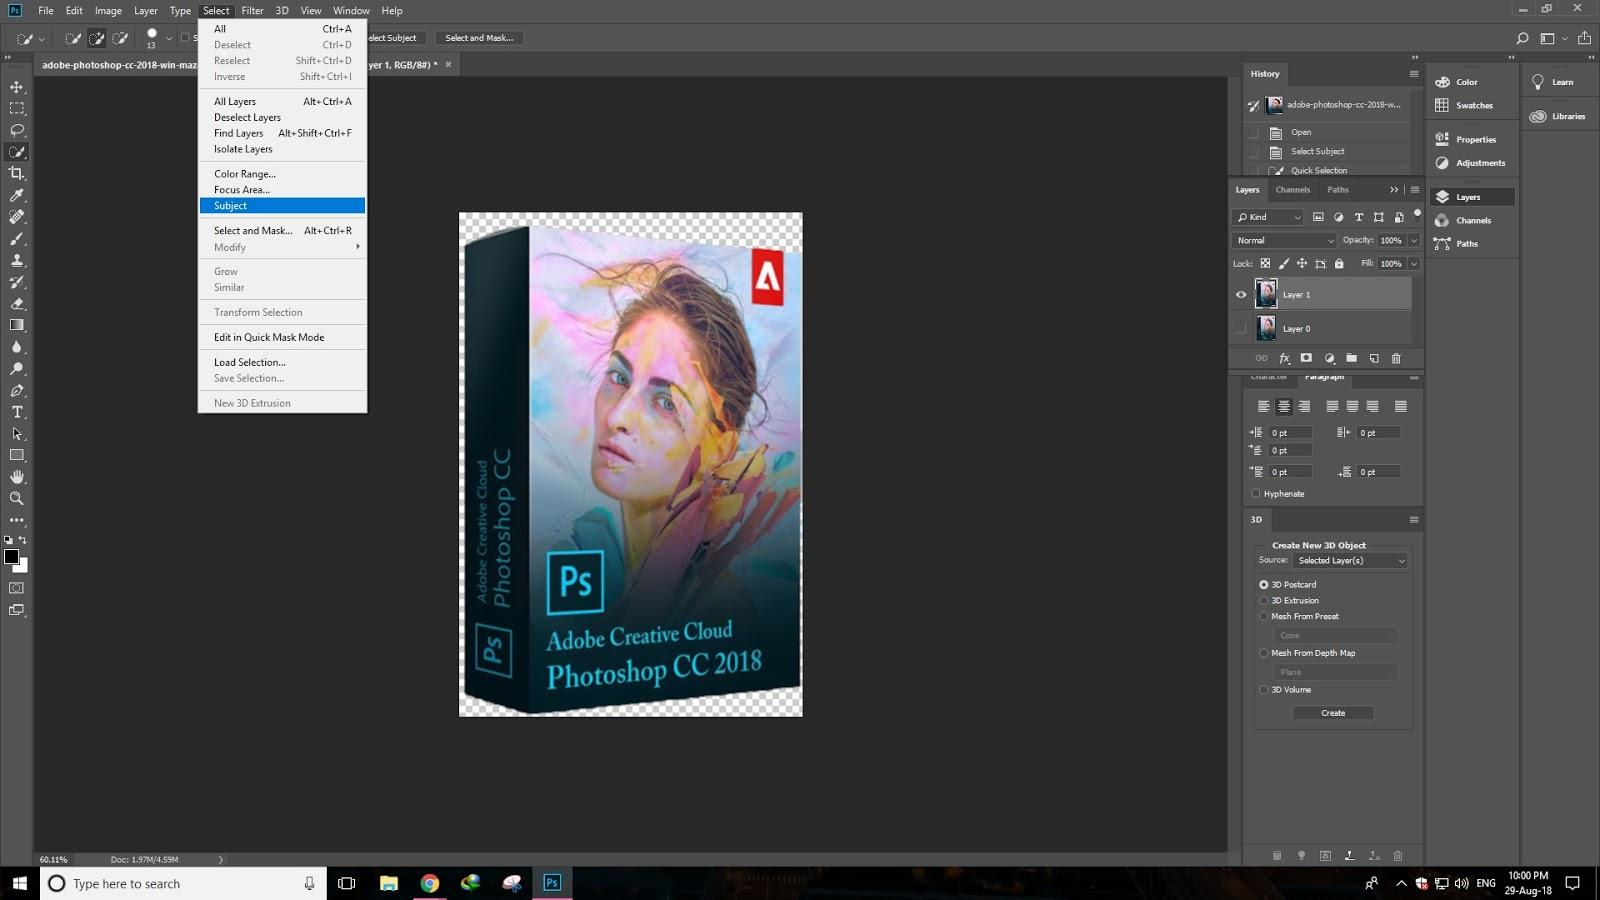 download crack photoshop cc 2018 32 bit